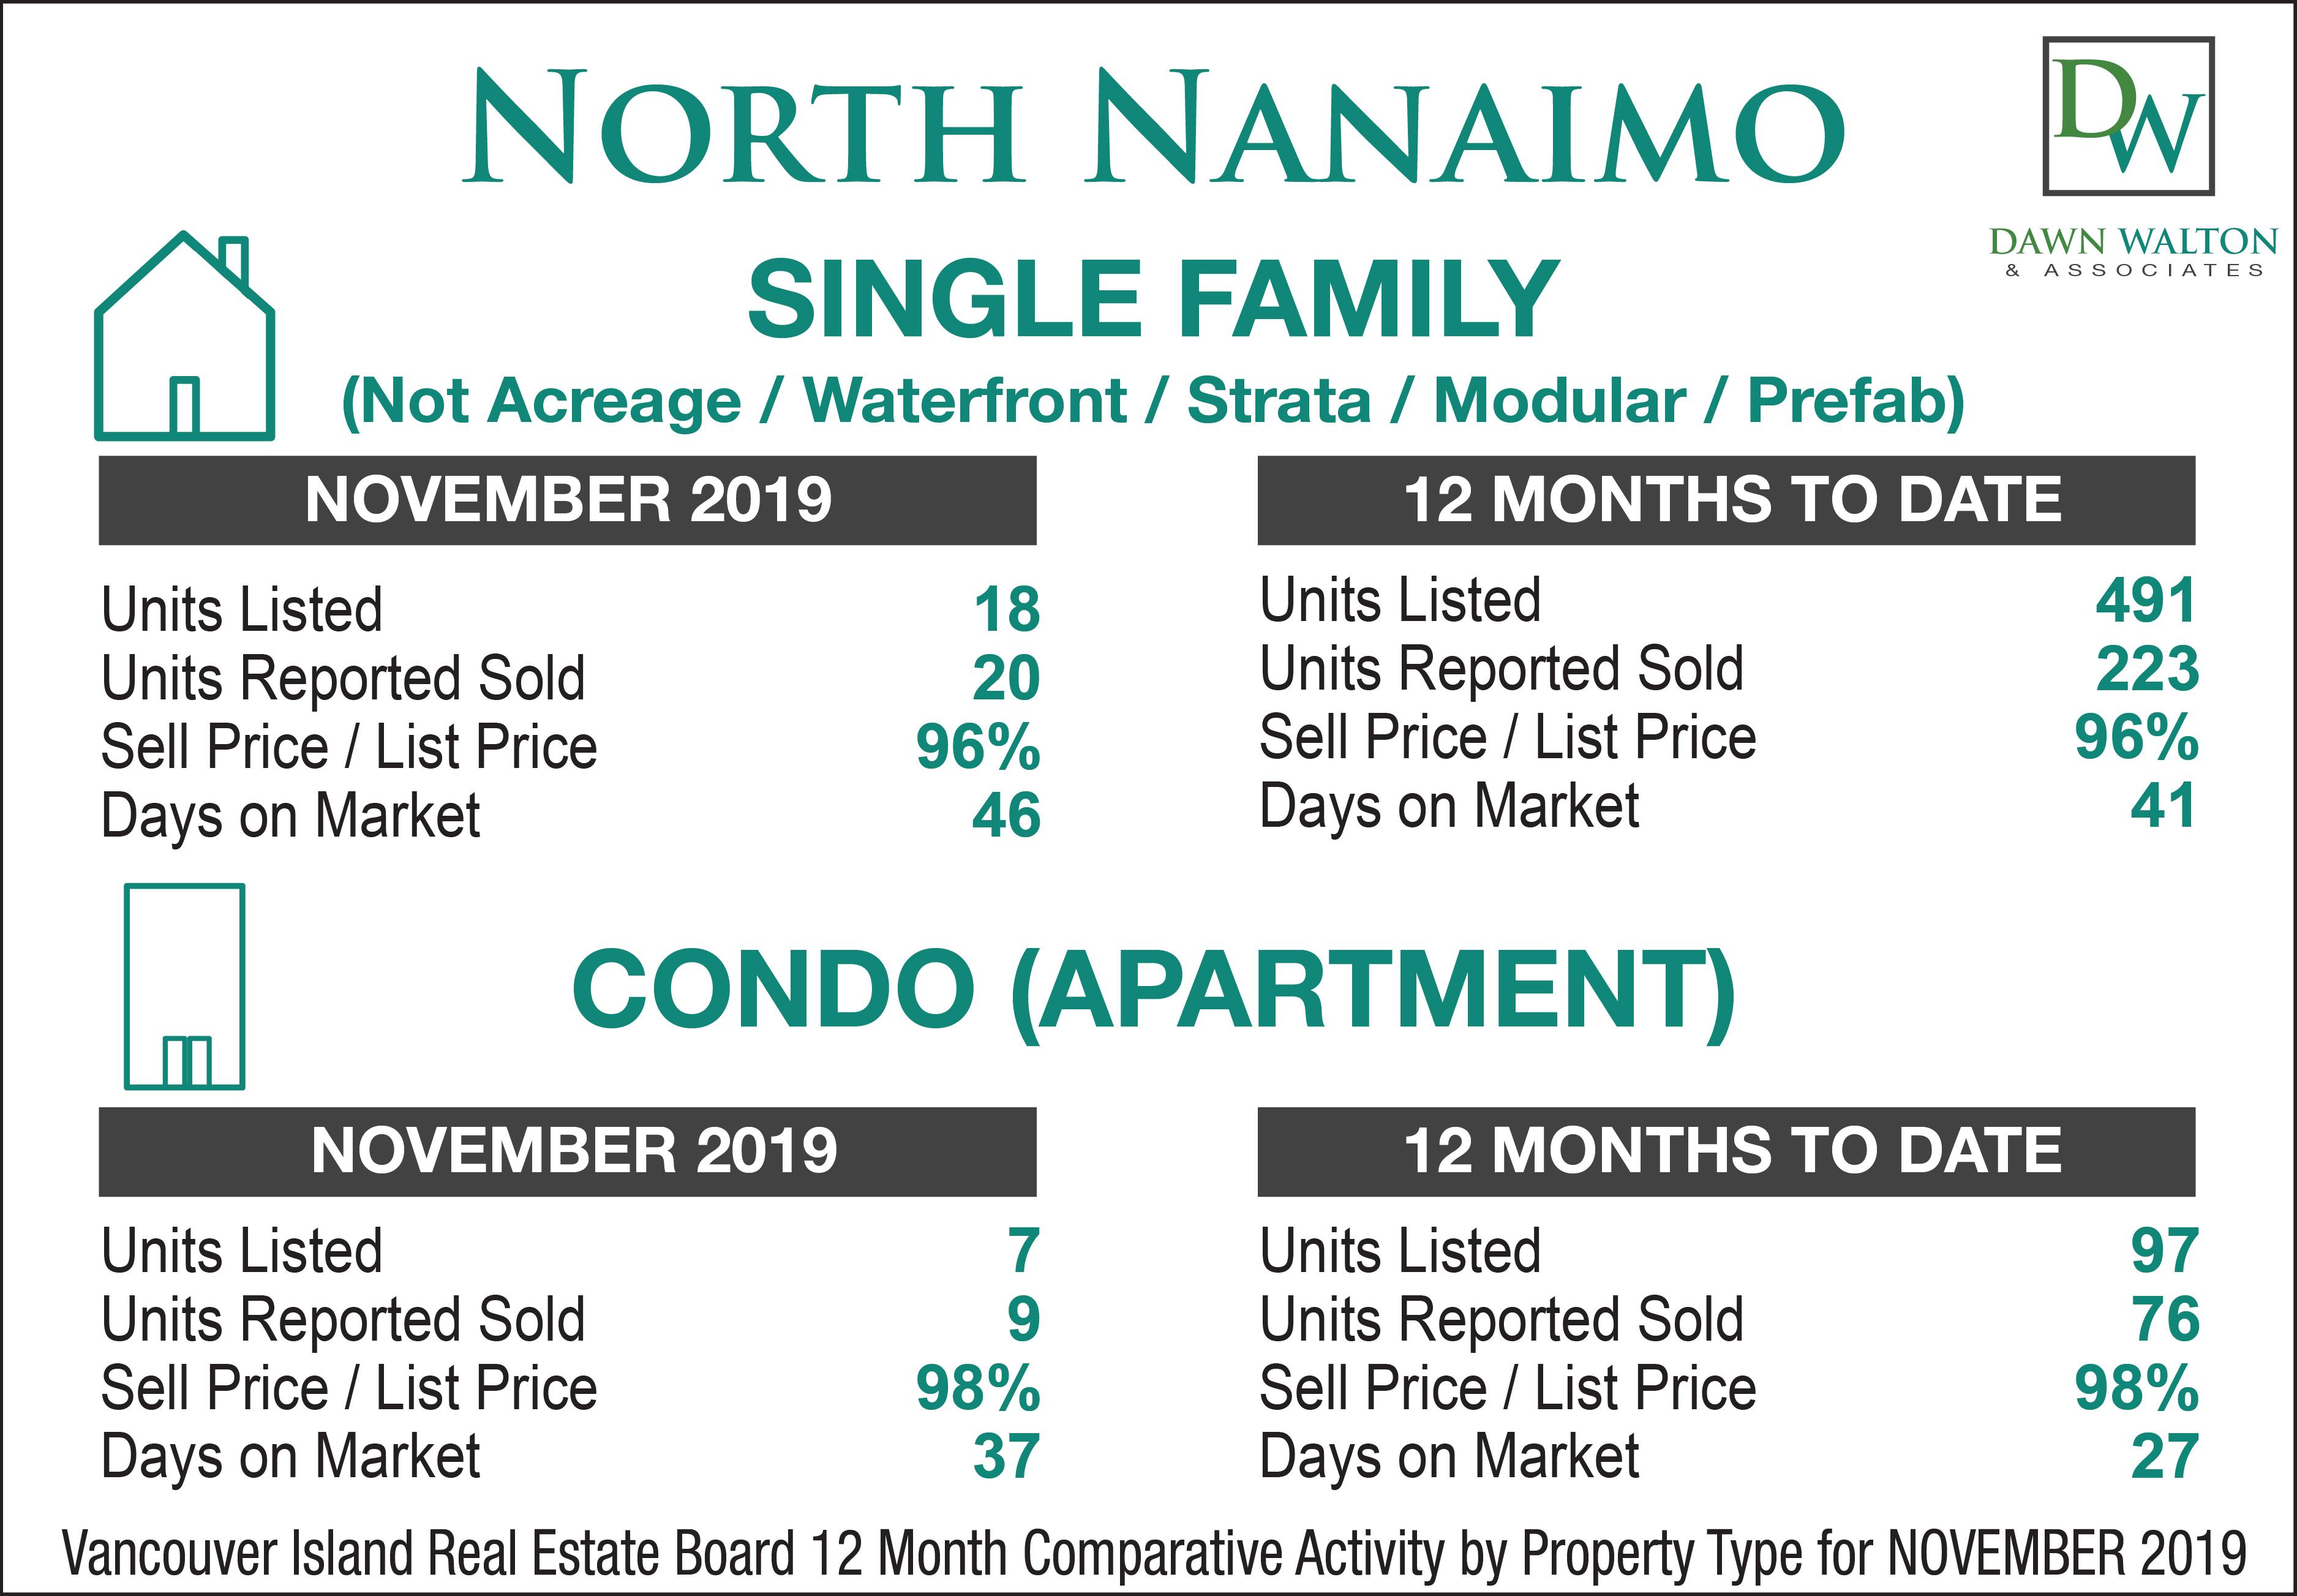 North Nanaimo Real Estate Market Stats November  2019 - Nanaimo Realtor Dawn Walton